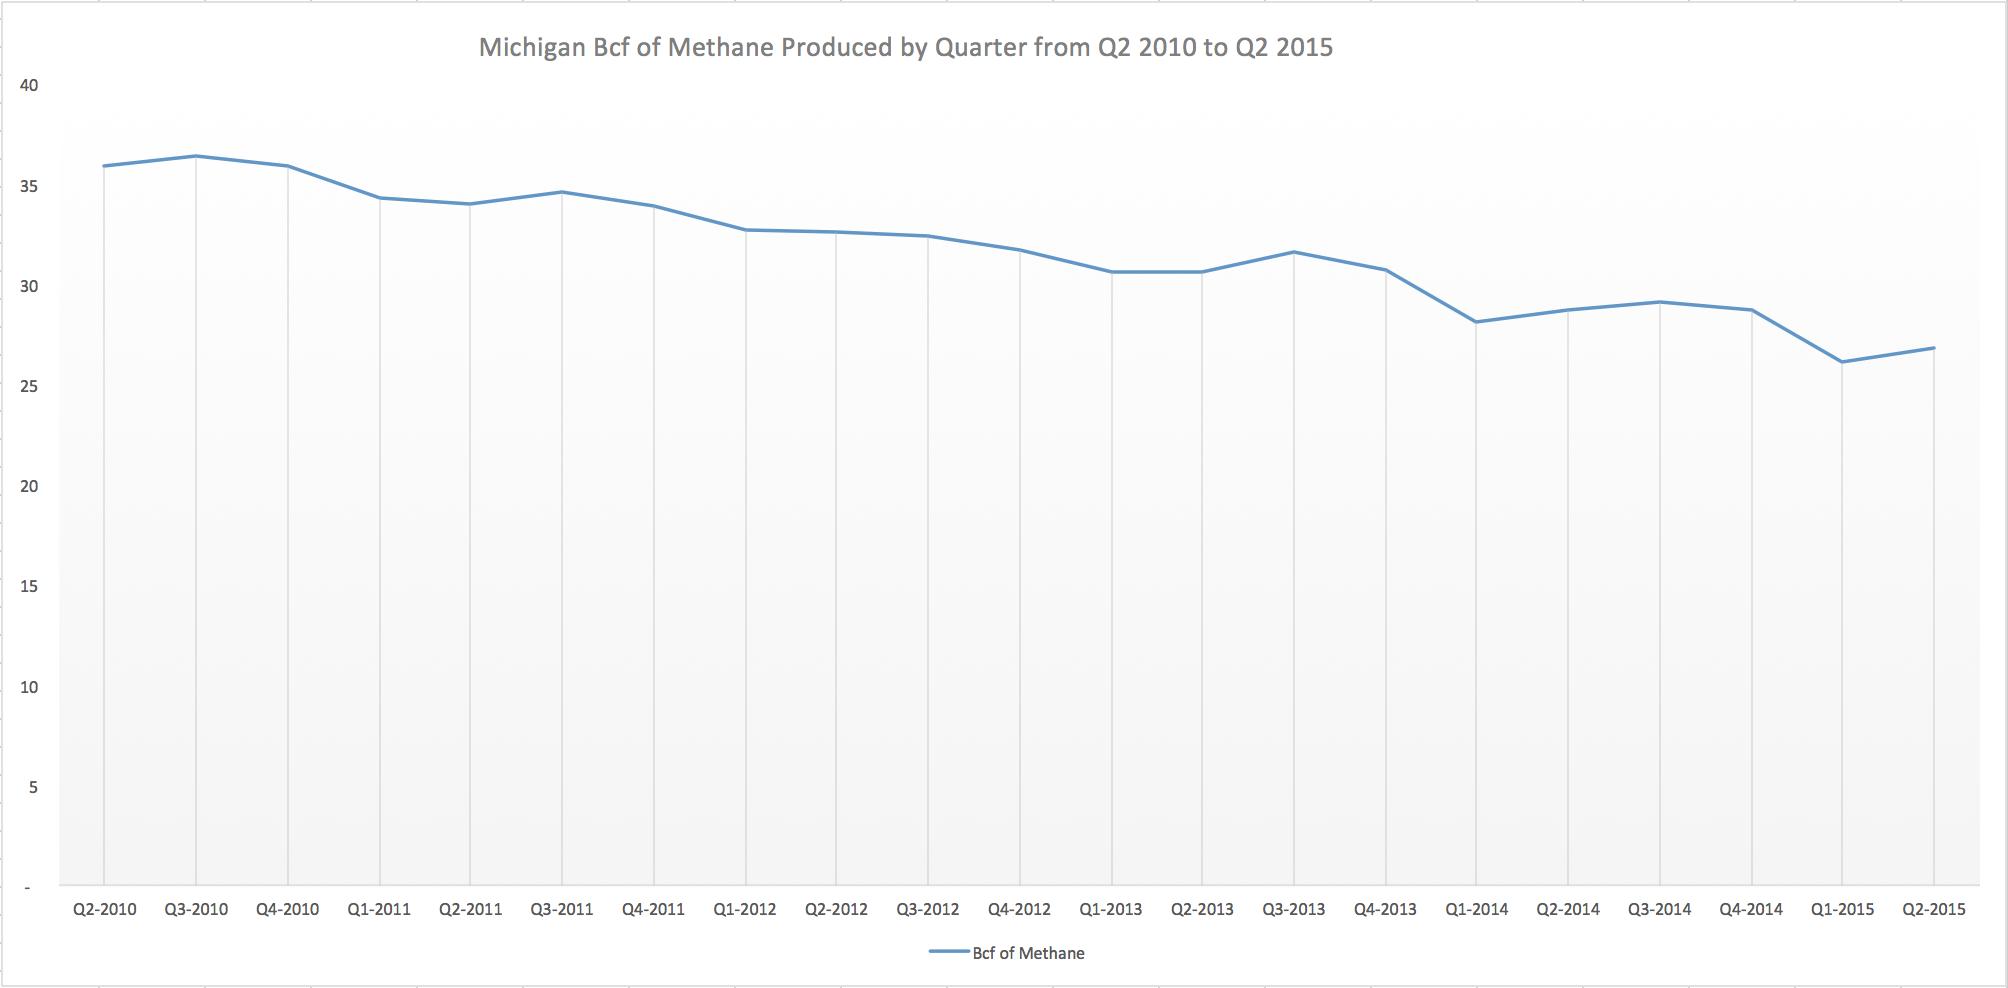 Michigan Natural Gas Production